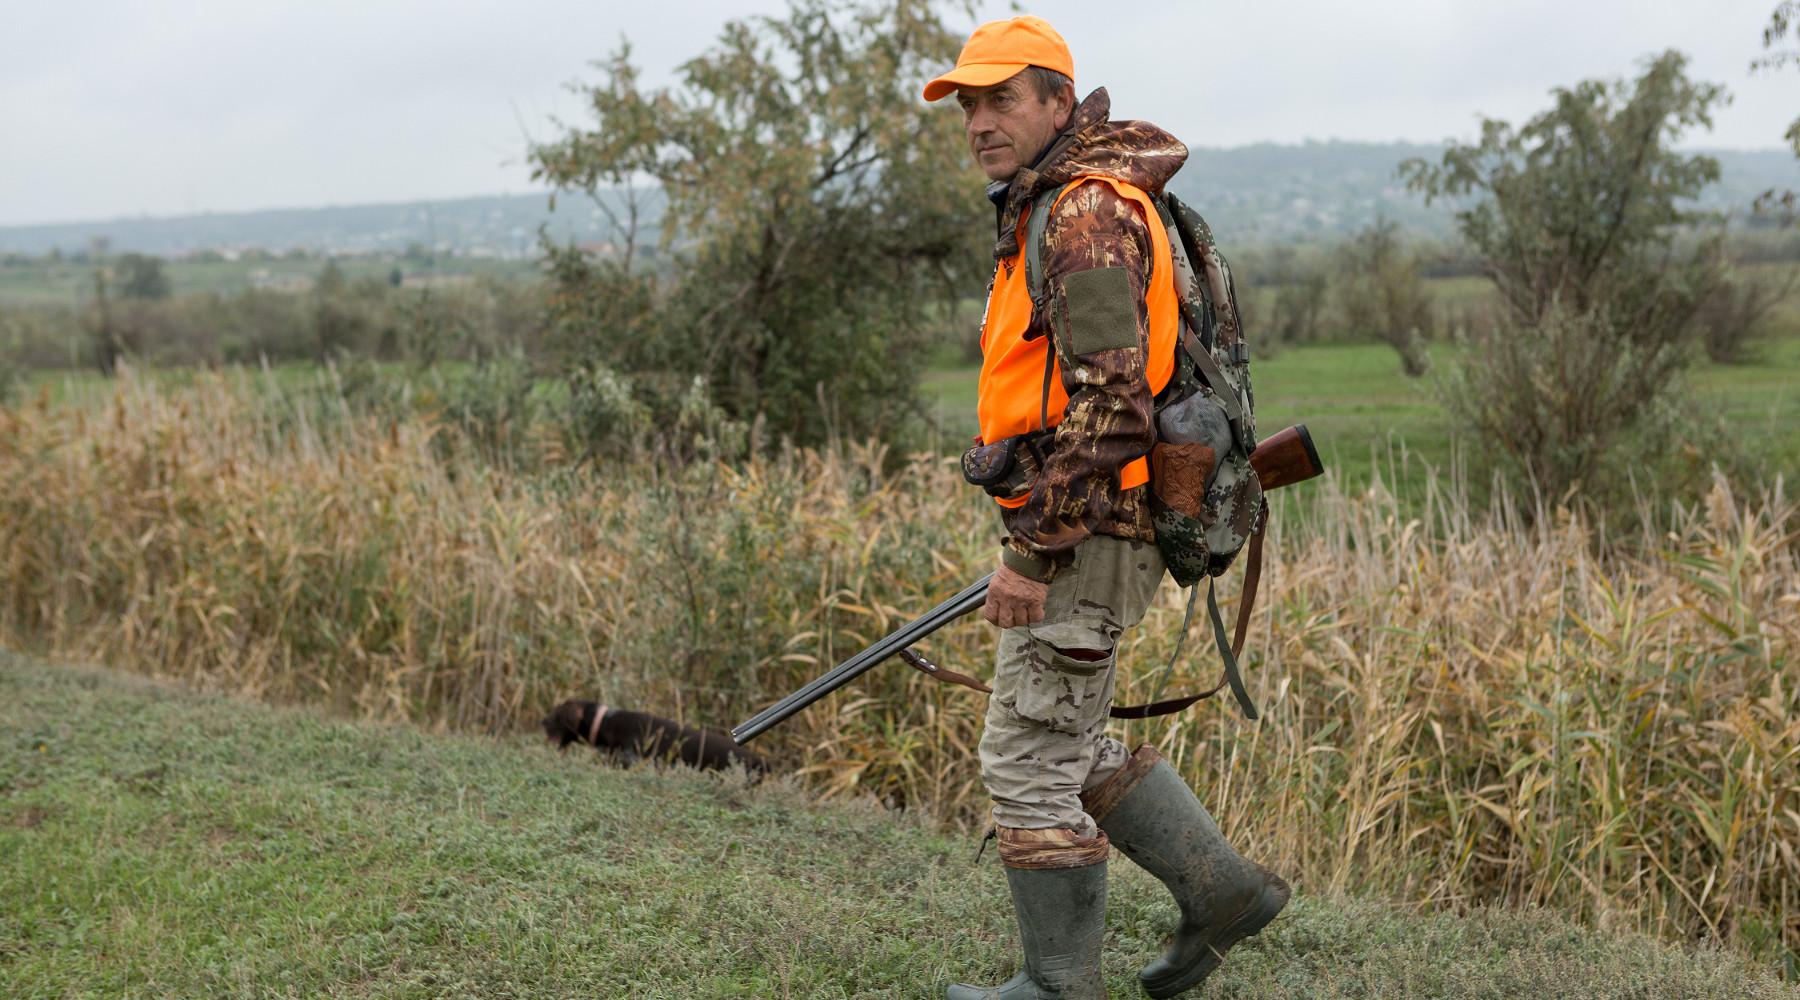 caccia in liguria: cacciatore con fucile